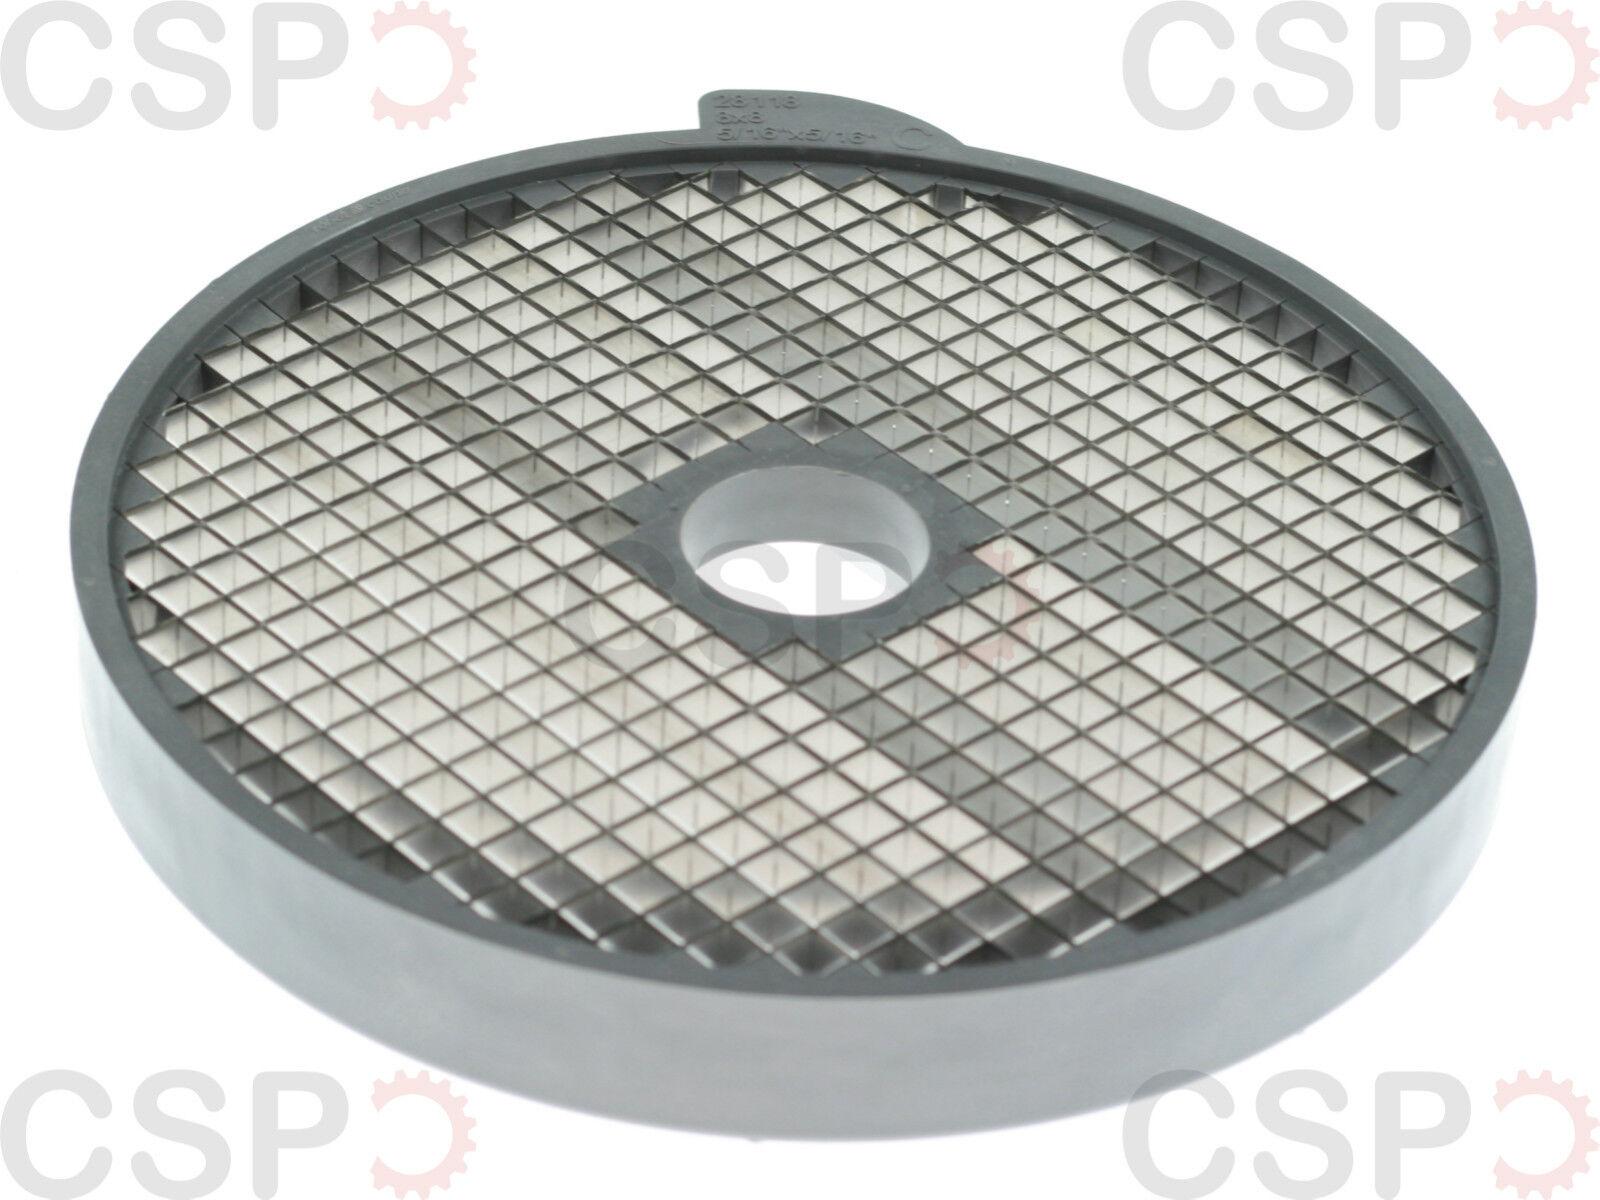 """Cobra Carbide 22088 5//64/"""" Carbide End Mill 4 FL Stub Length TiALN OAL 1-1//2/"""""""